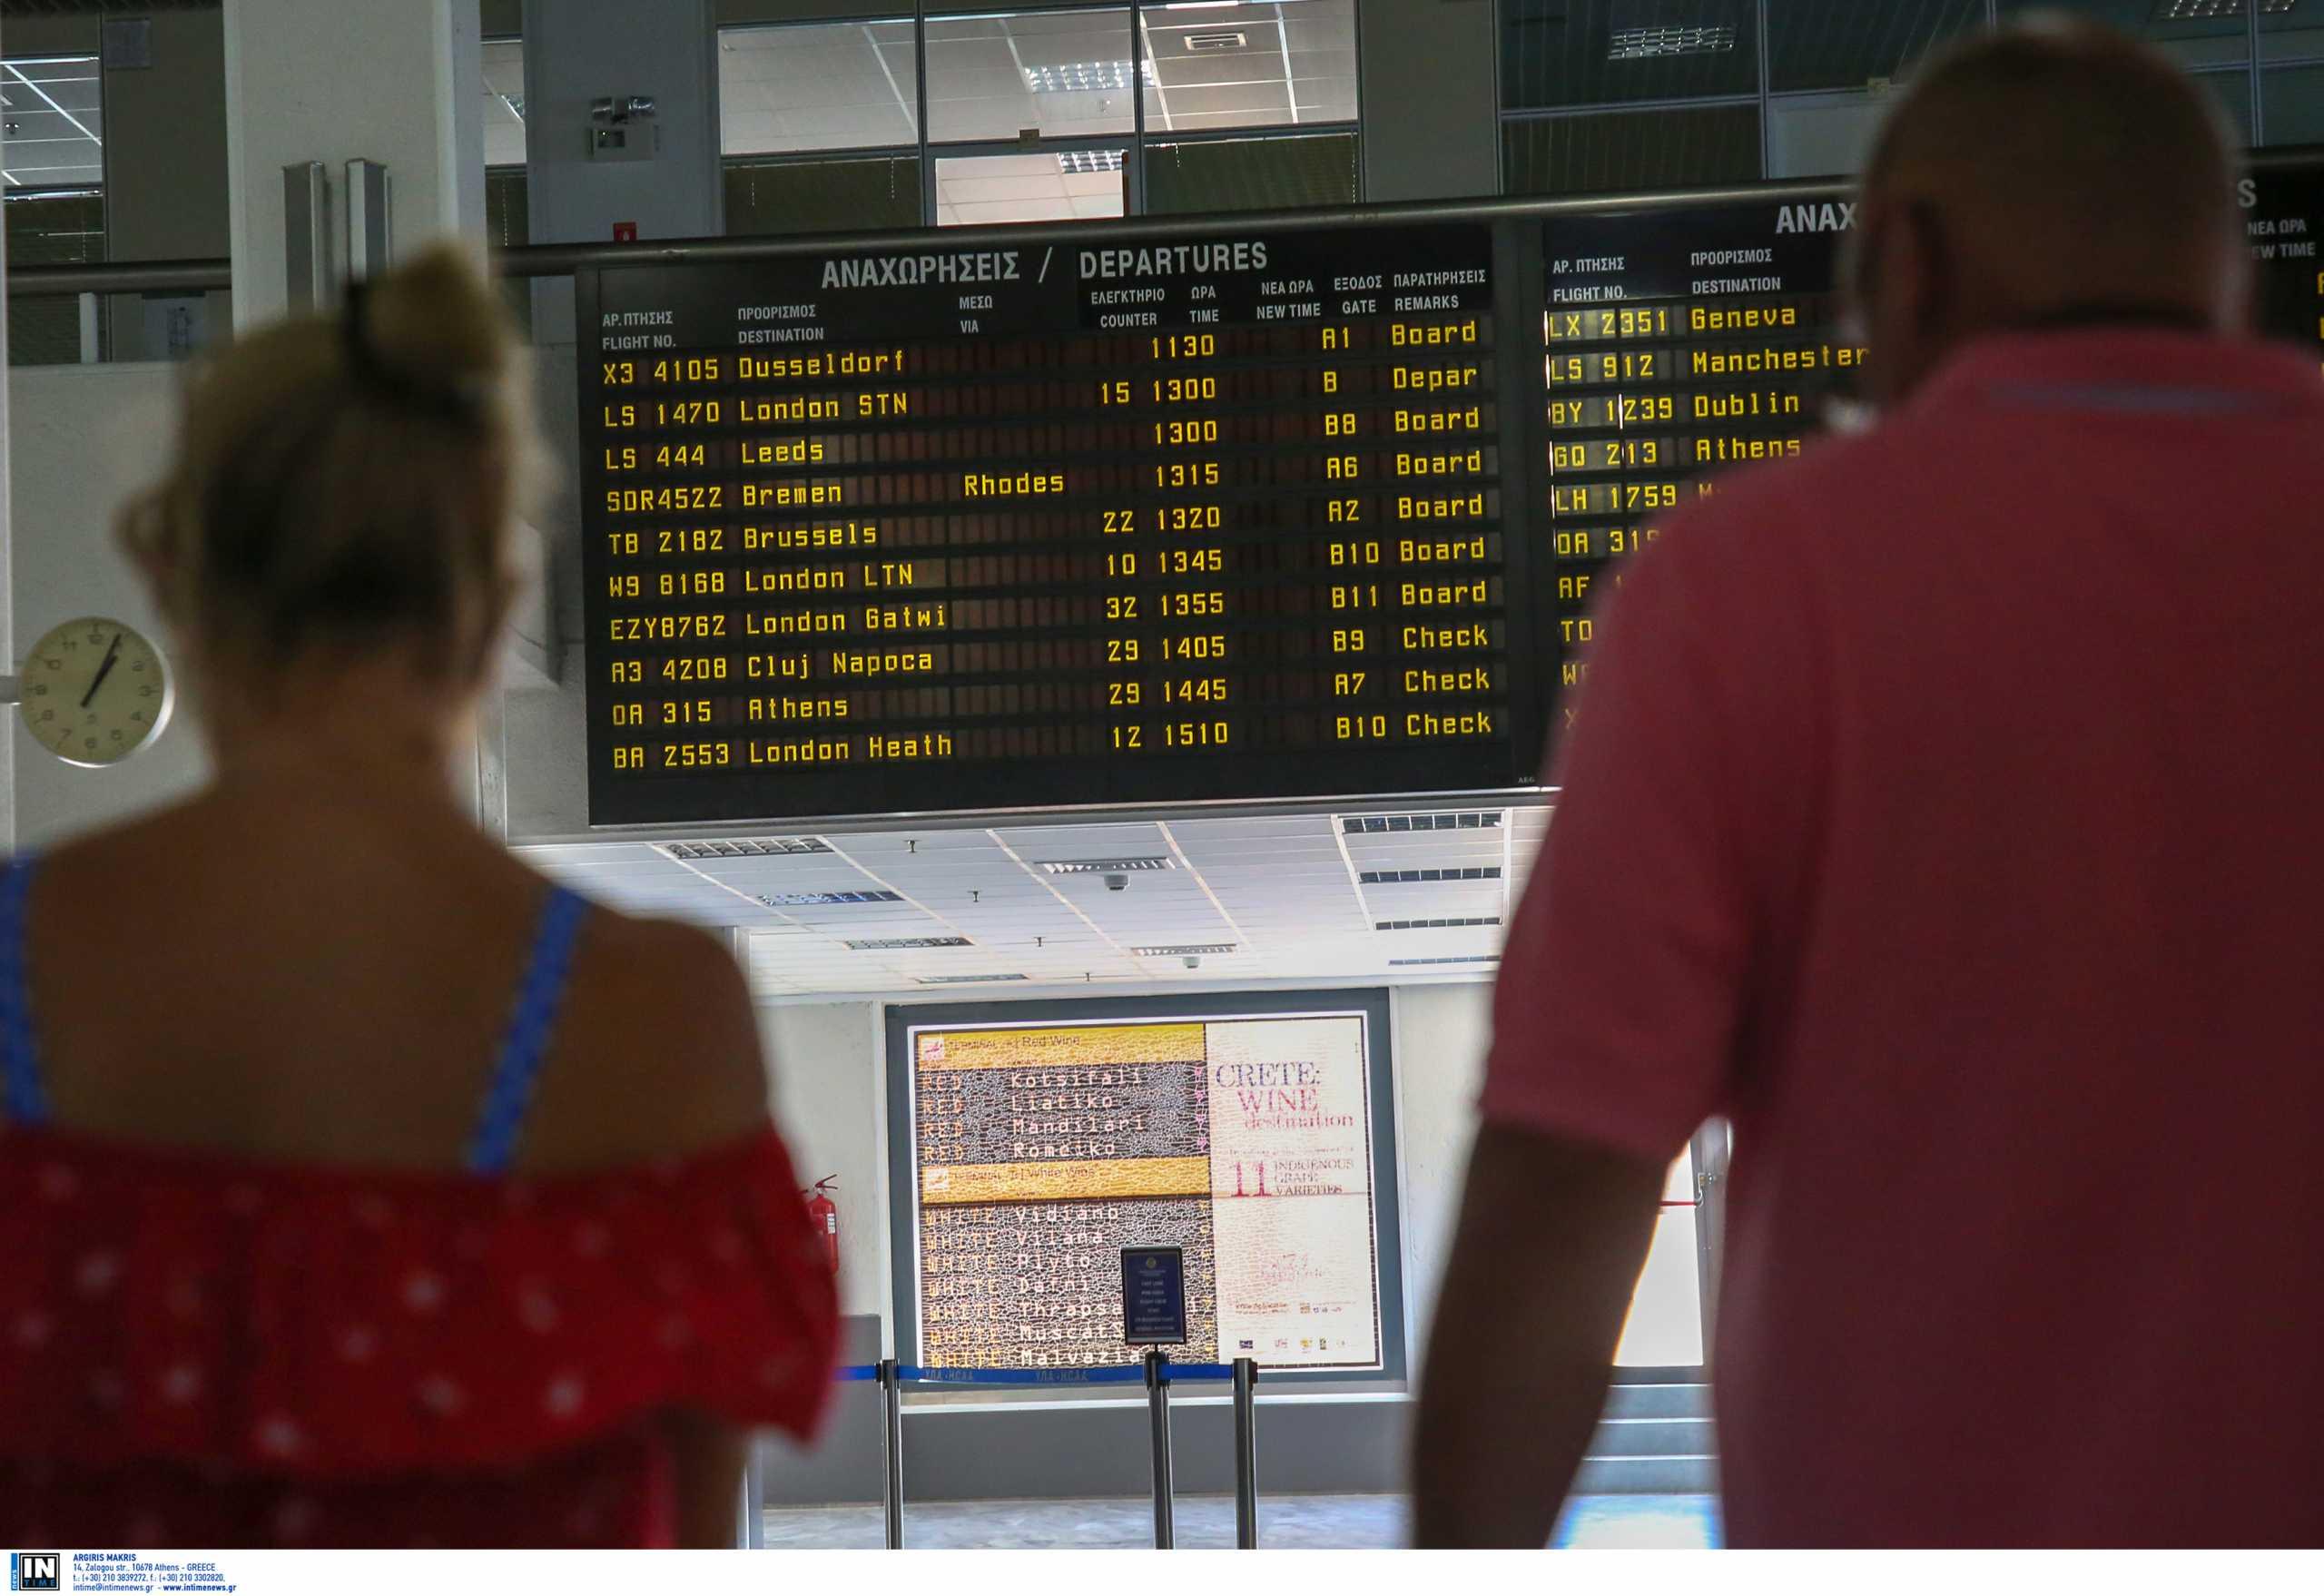 Χωρίς καραντίνα η είσοδος στην Ελλάδα για πολίτες Ε.Ε., ΗΠΑ, ΗΑΕ, Σερβίας, Ισραήλ